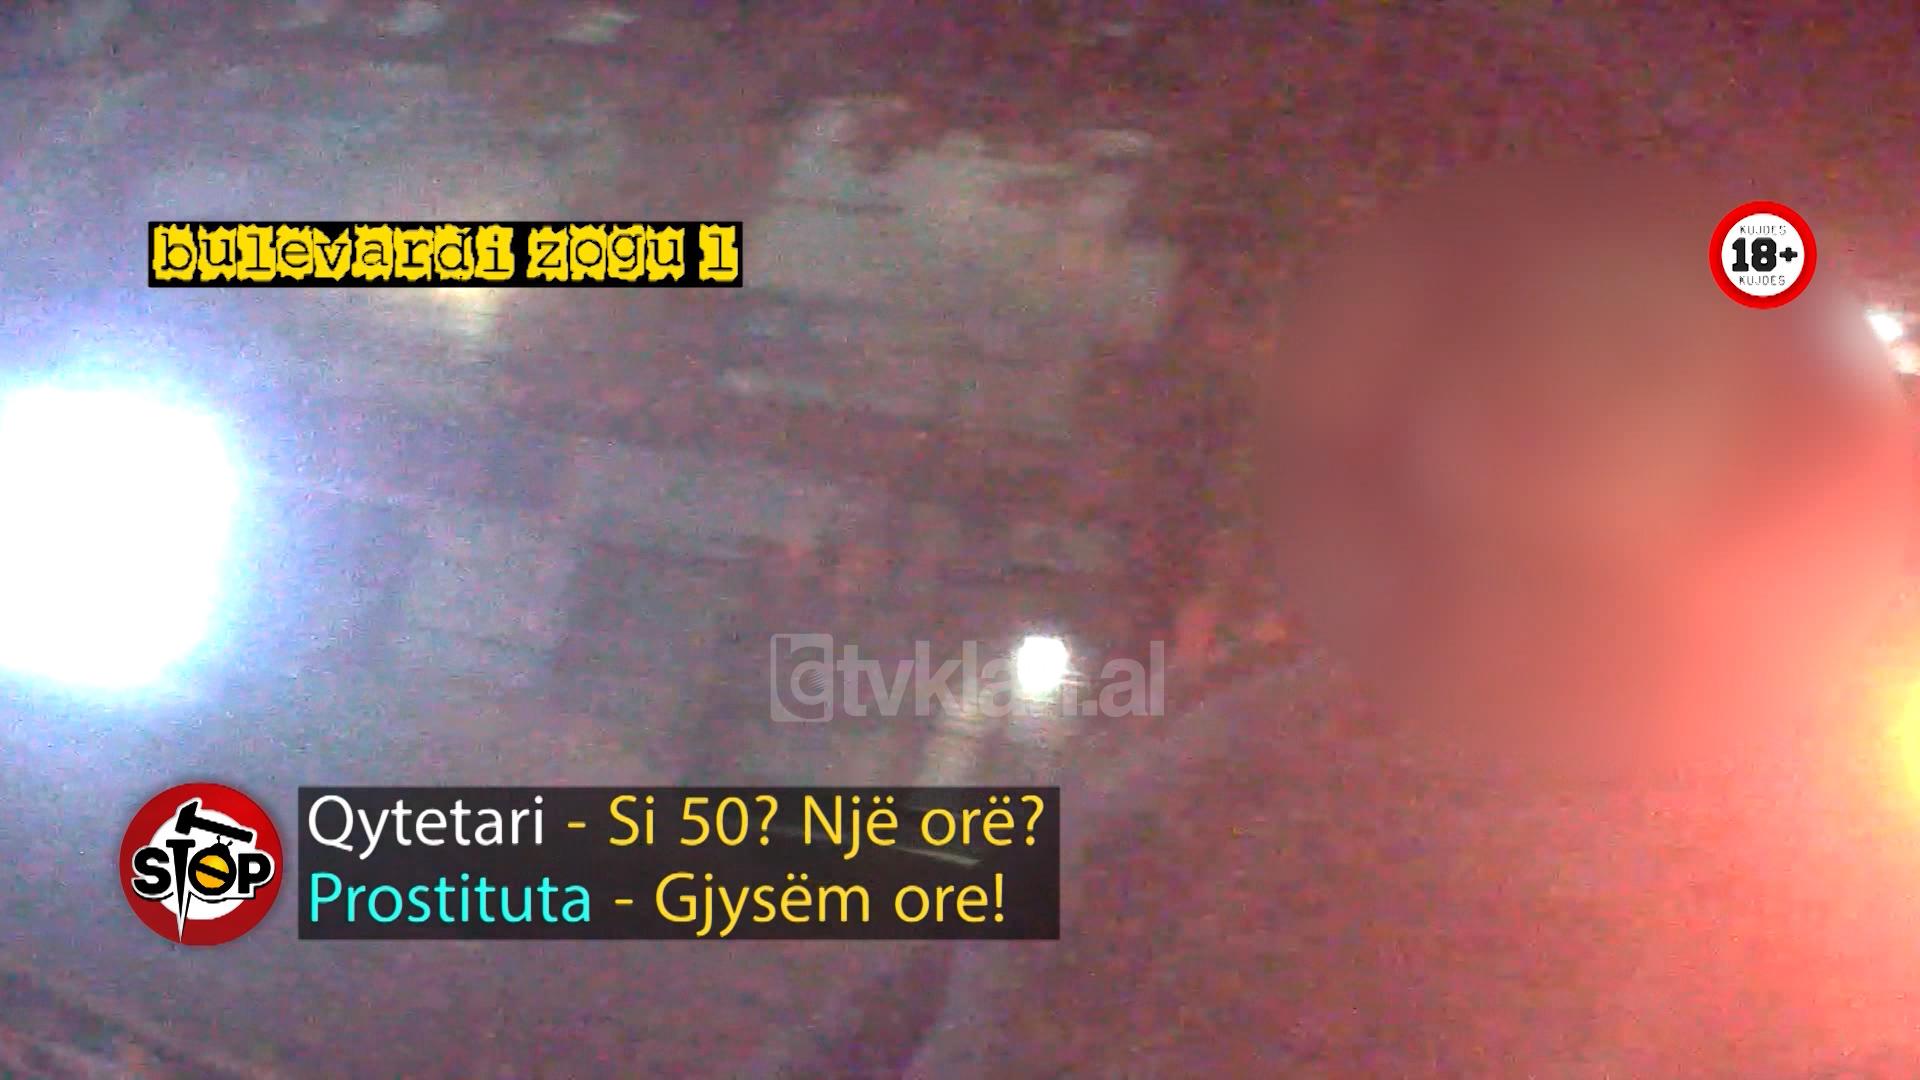 Seks hapur në zemër të Tiranës: 20 jashtë, 50 në hotel